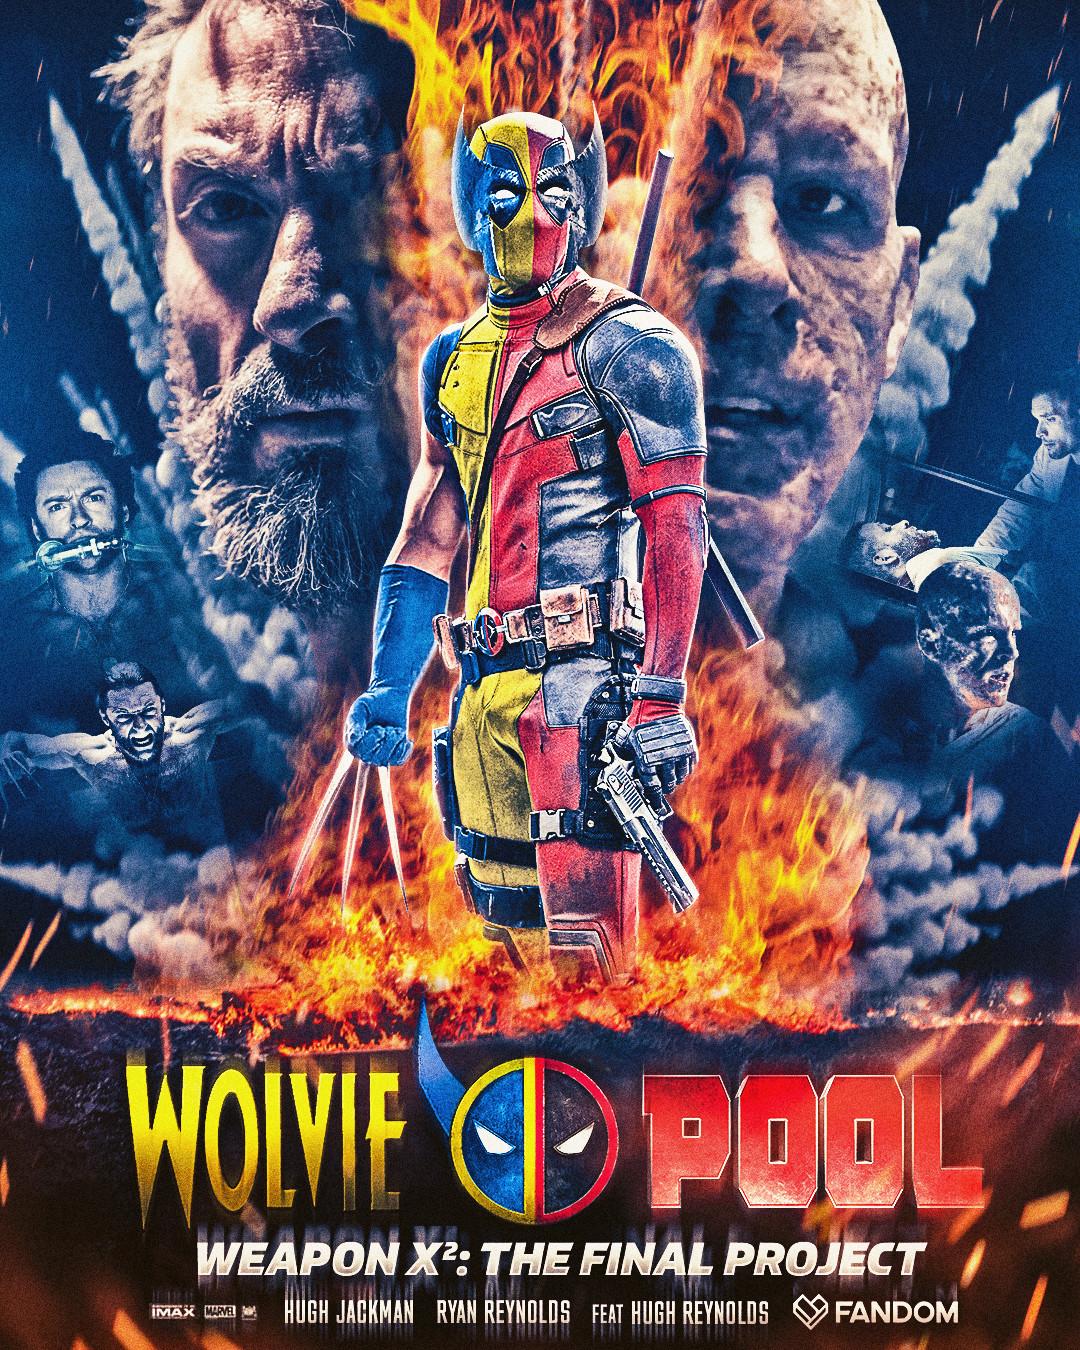 Nick tam fandom wolviepool crossover v2